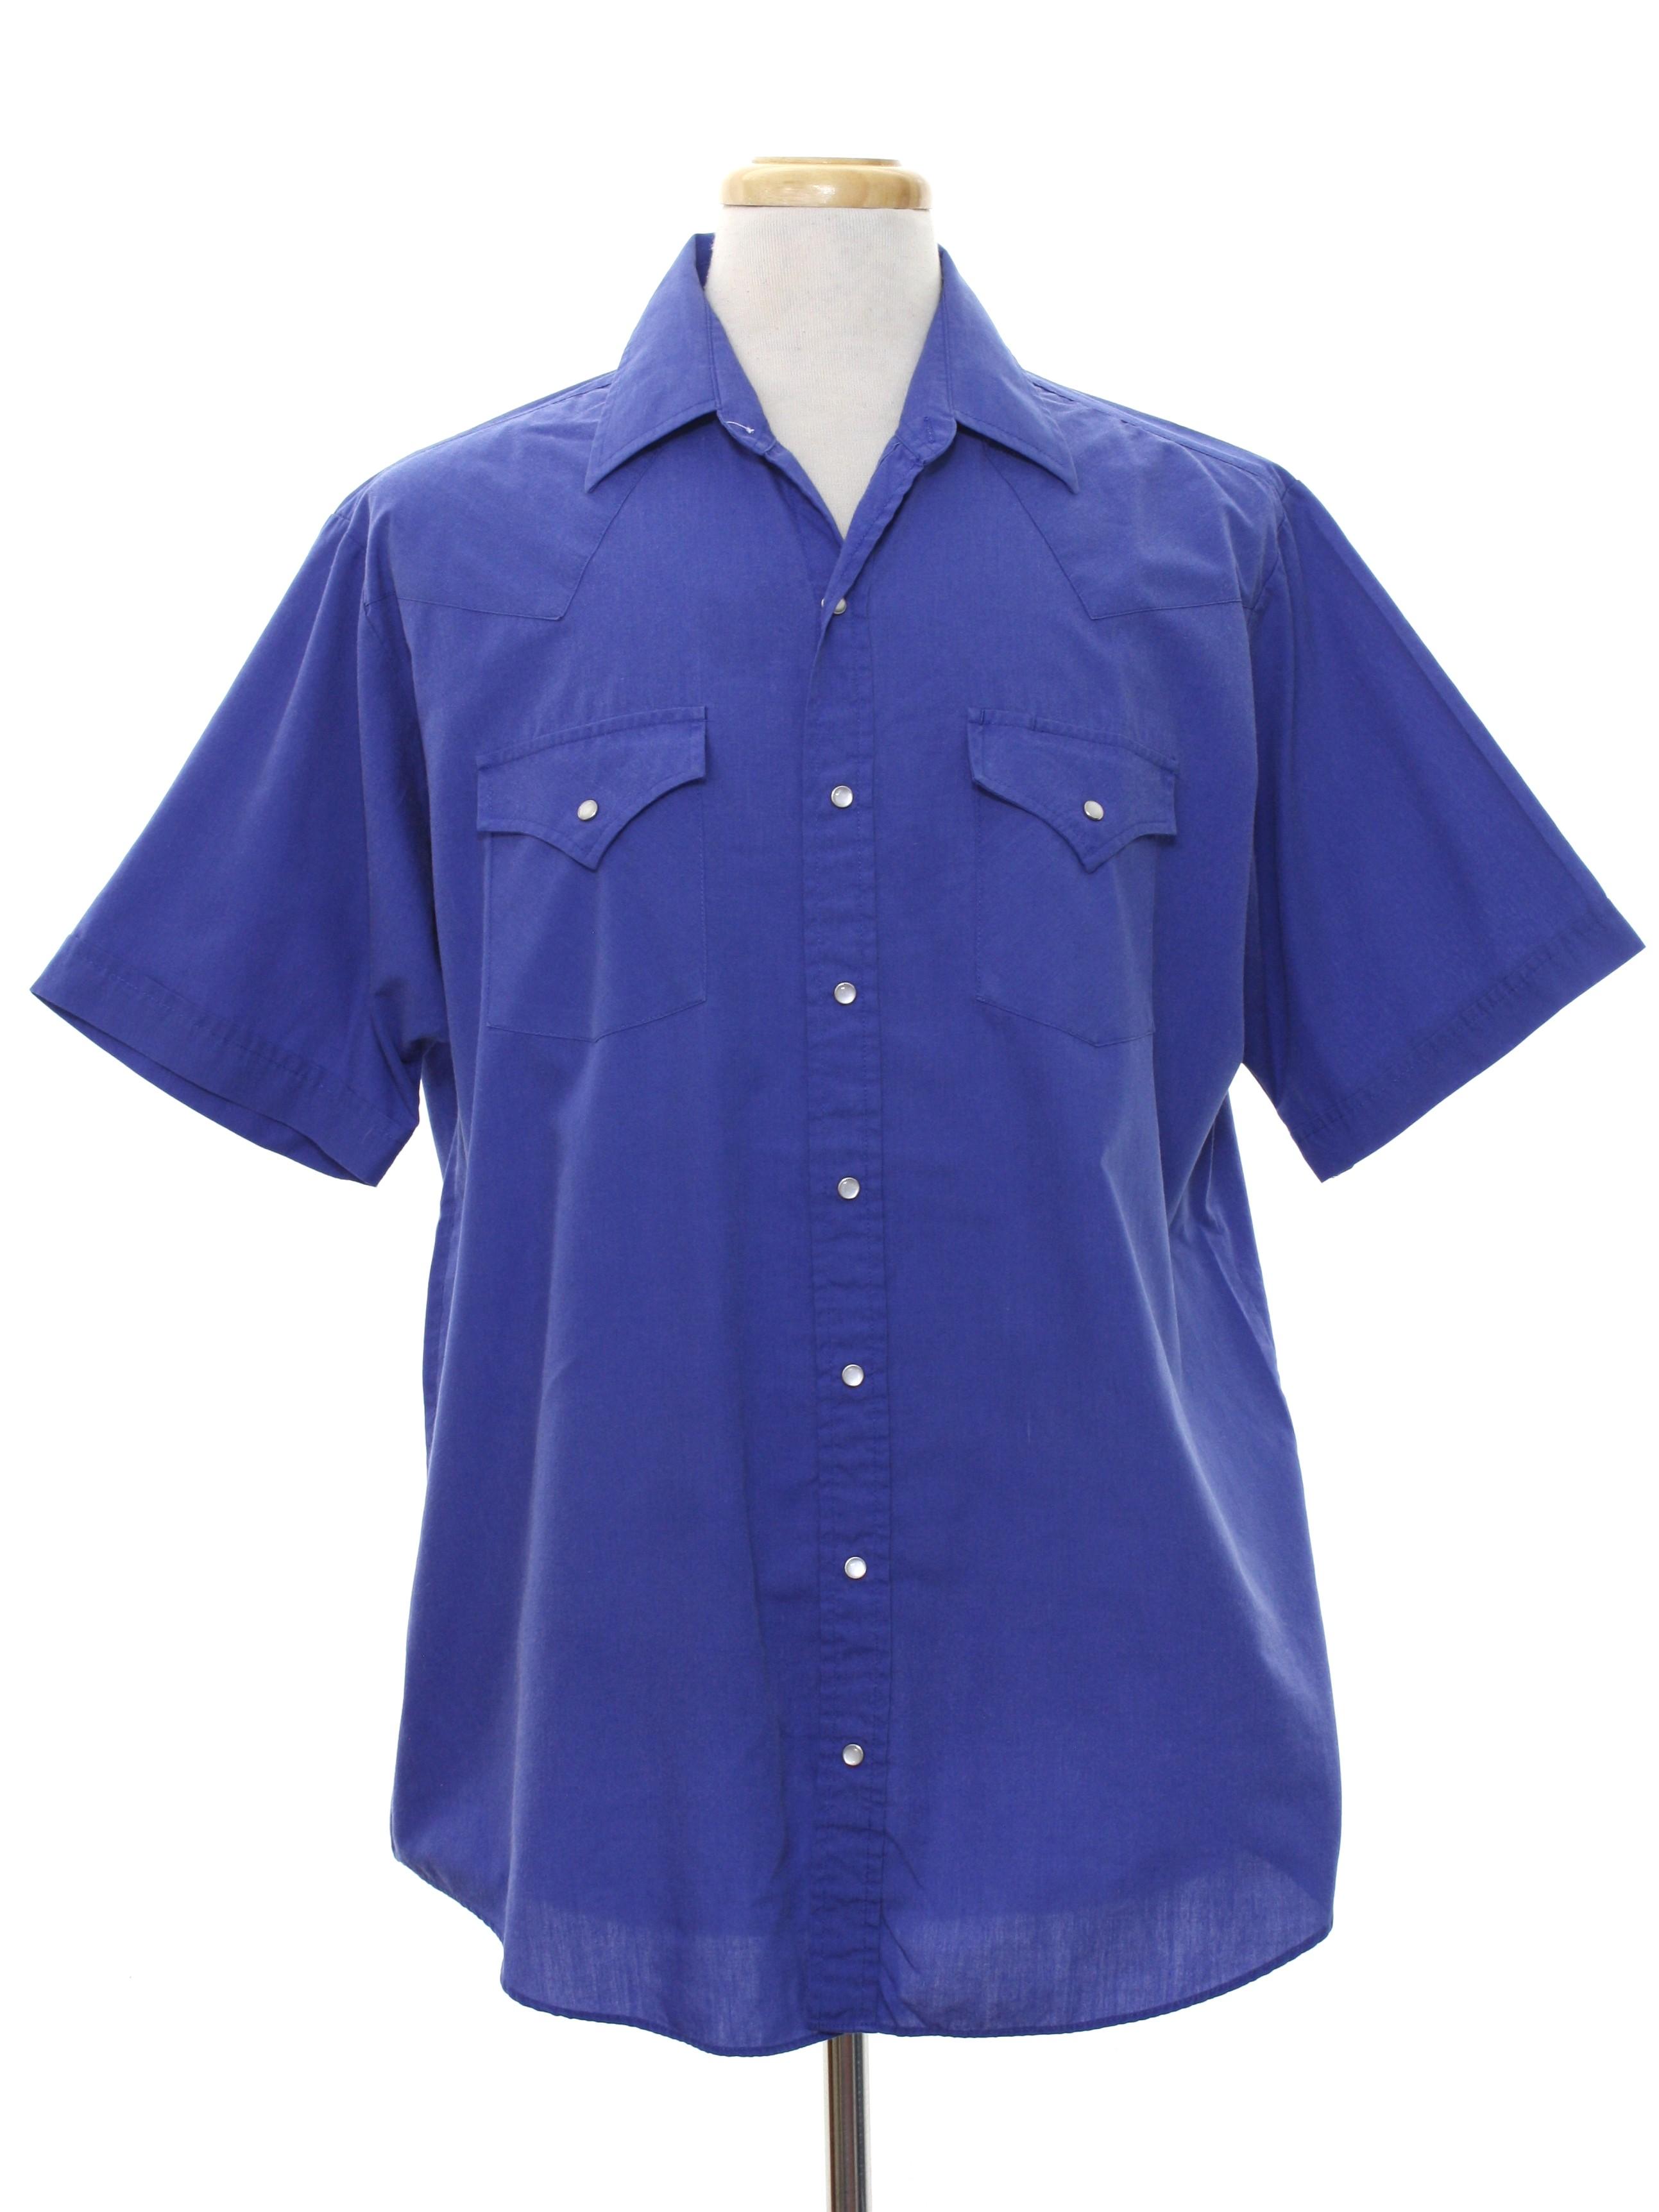 Mens No Iron Short Sleeve Shirts